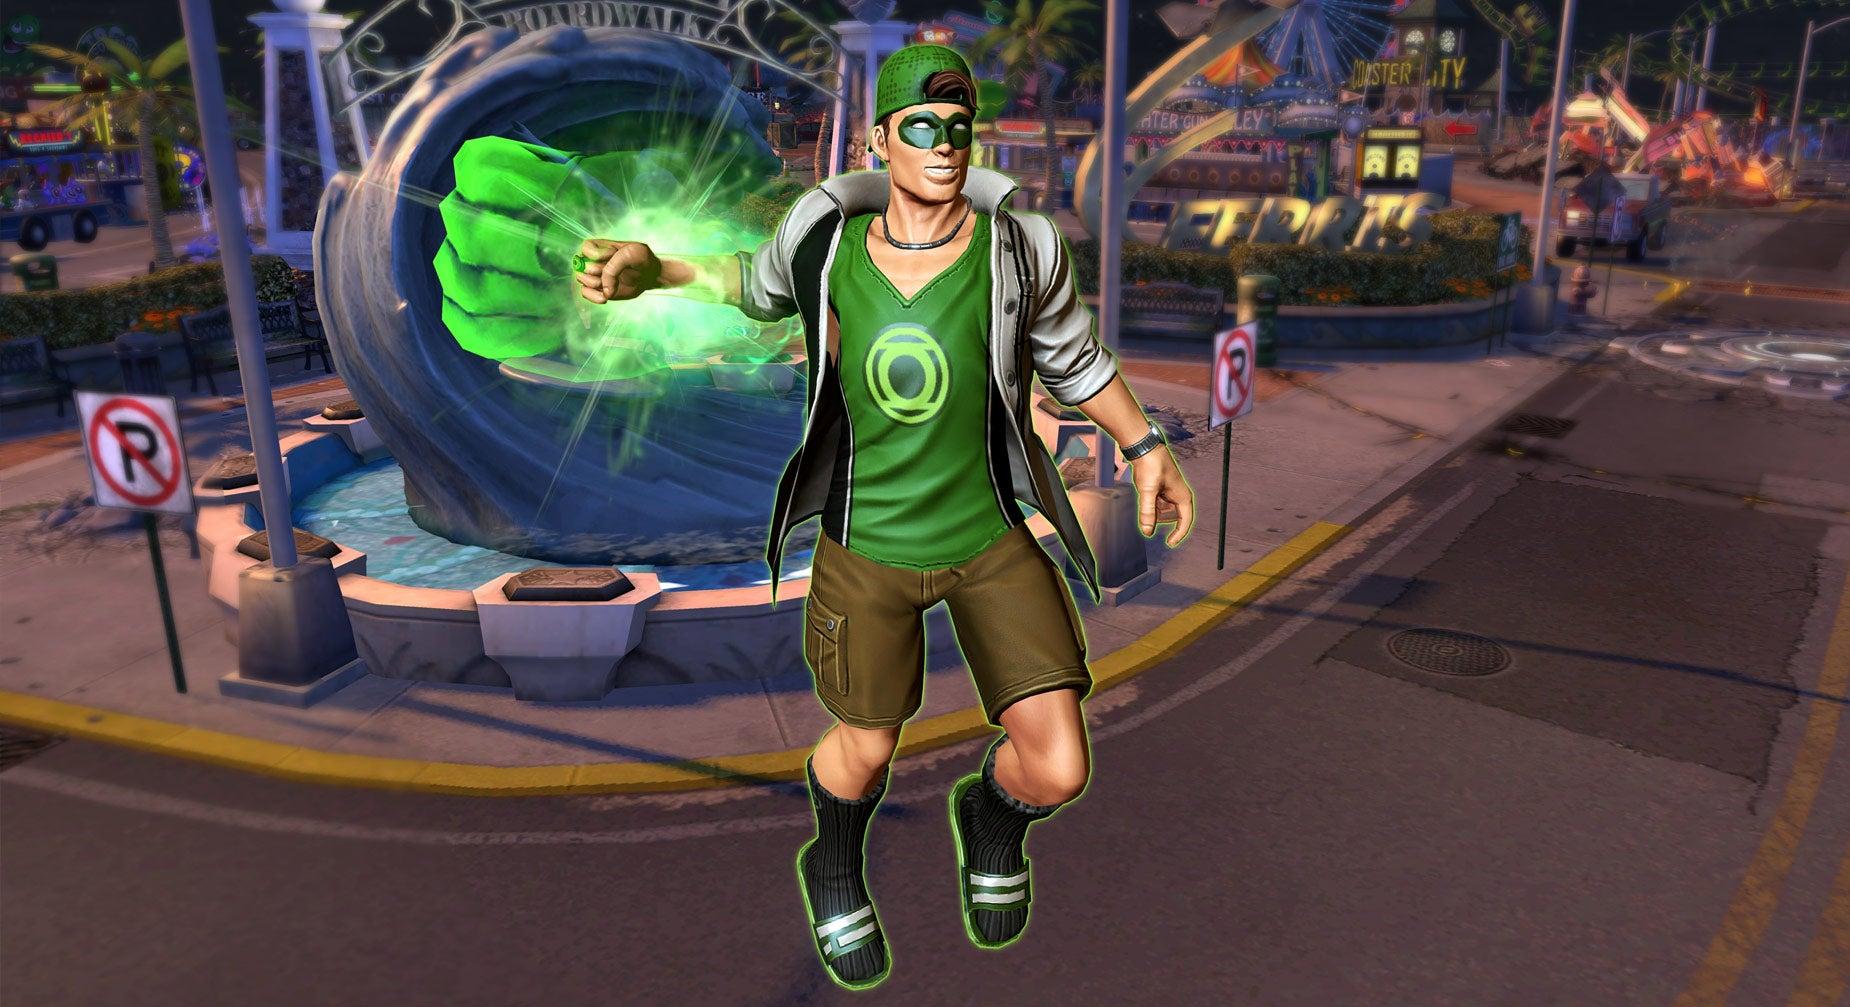 Do You Even Green Lantern, Bro? No.